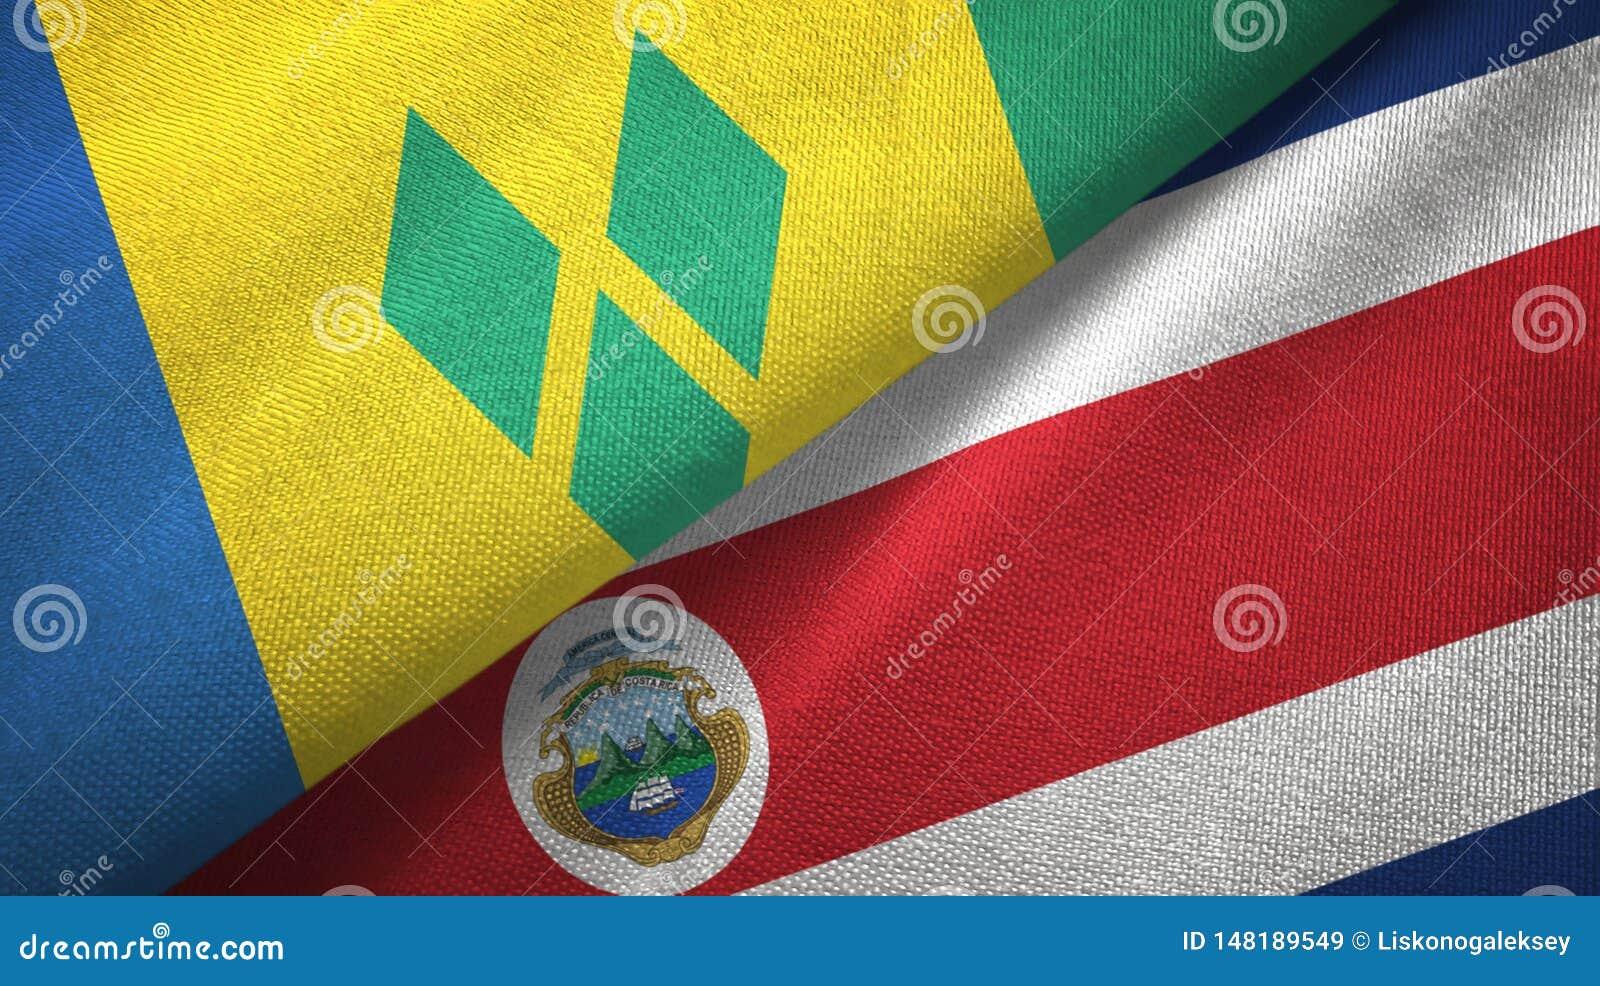 Άγιος Βικέντιος και Γρεναδίνες και Κόστα Ρίκα δύο σημαίες